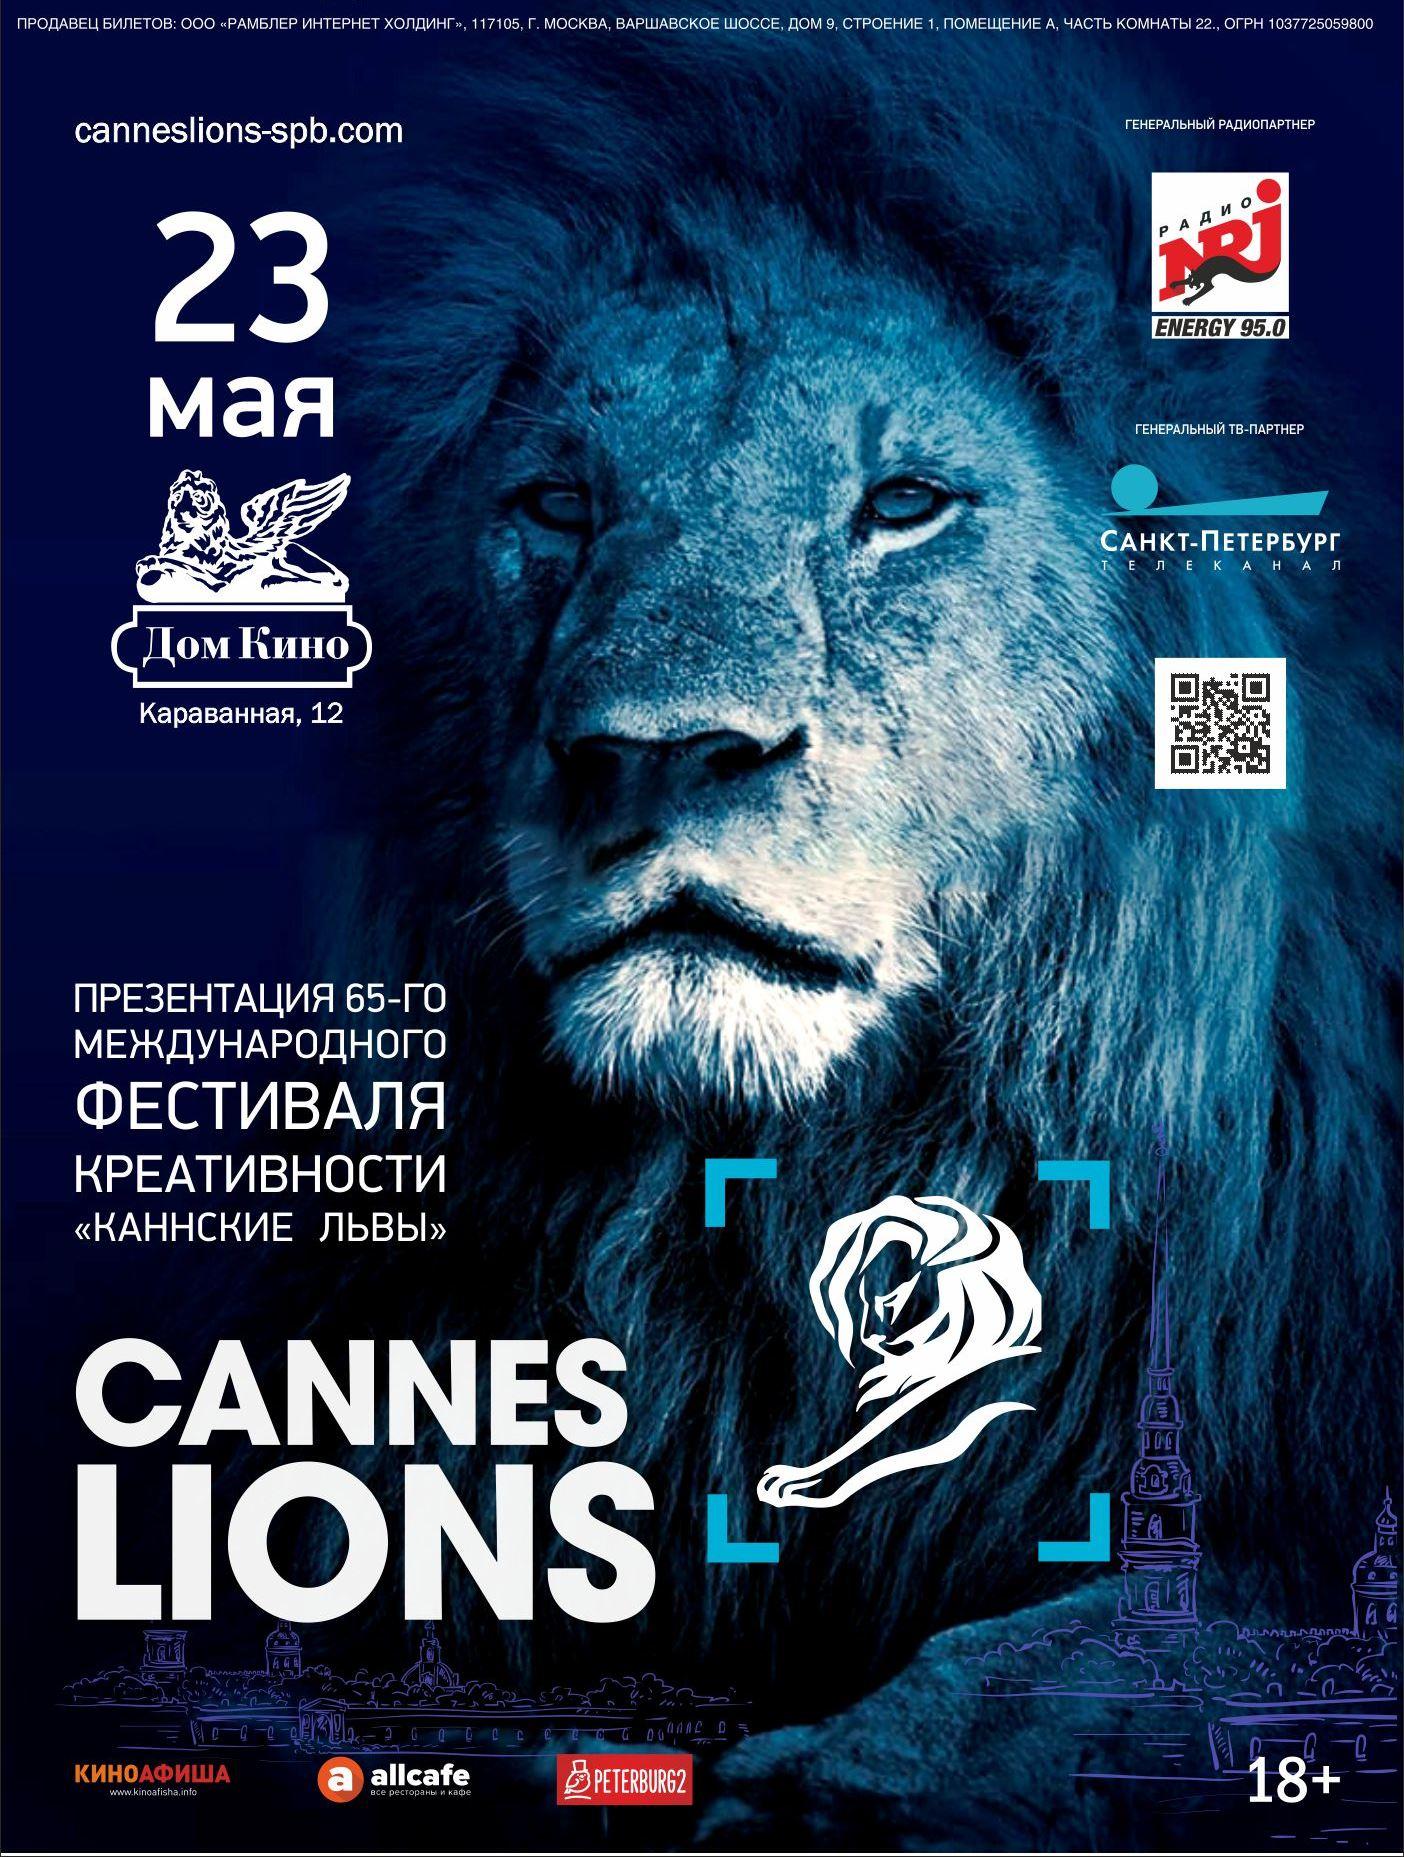 Купить билеты в кино на Презентация 65-го Международного Фестиваля Креативности «Каннские Львы»    расписание сеансов, трейлер, обзор фильма, отзывы — ParkSeason